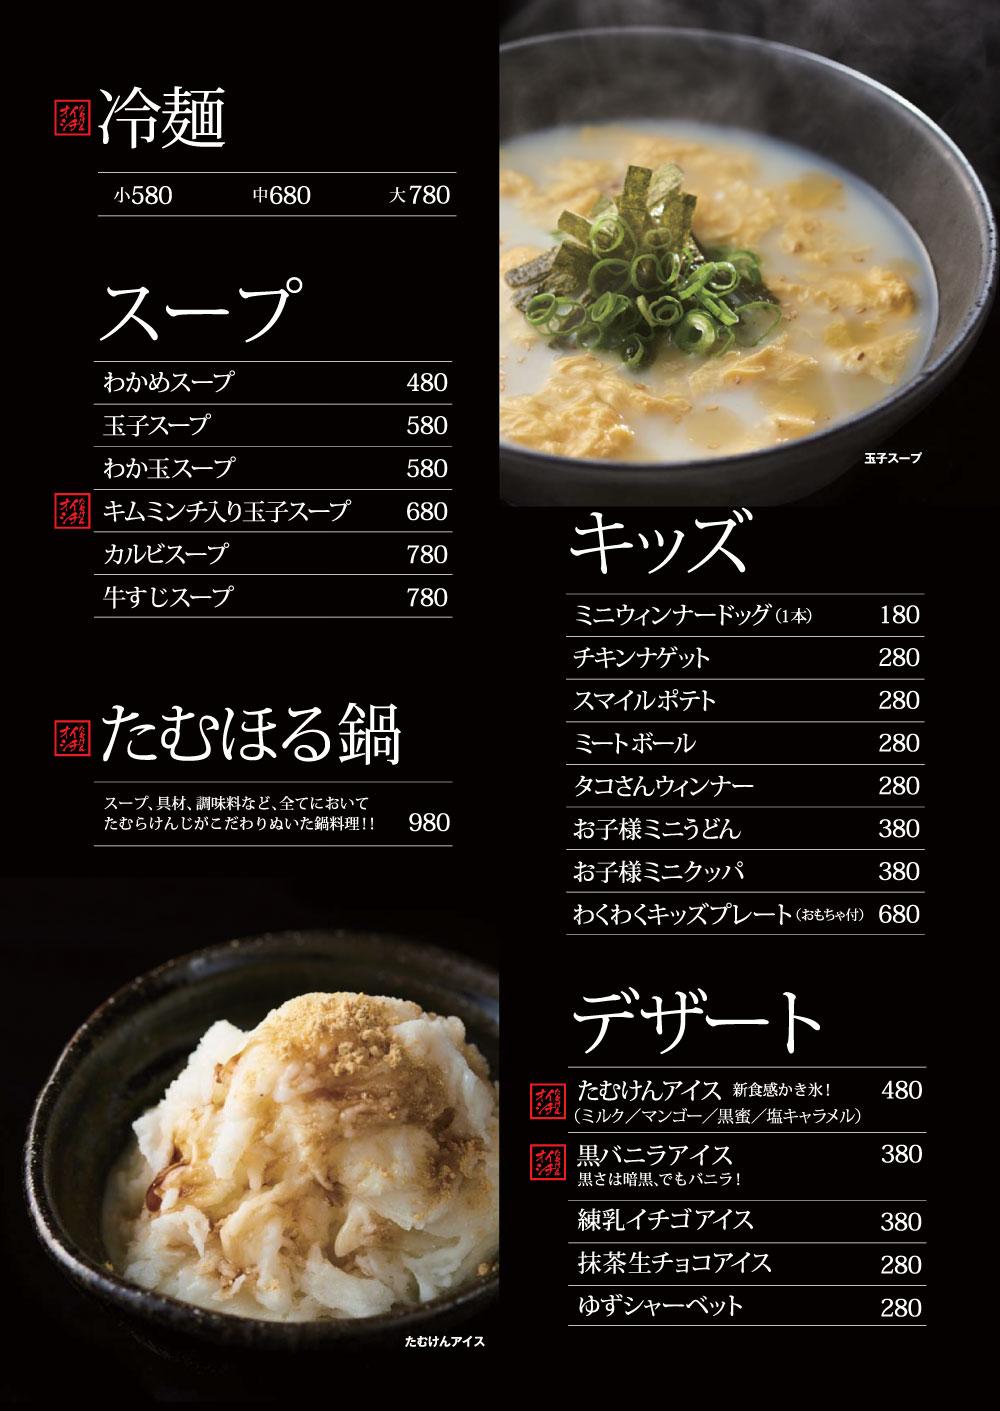 冷麺・スープ・キッズ・デザートメニュー